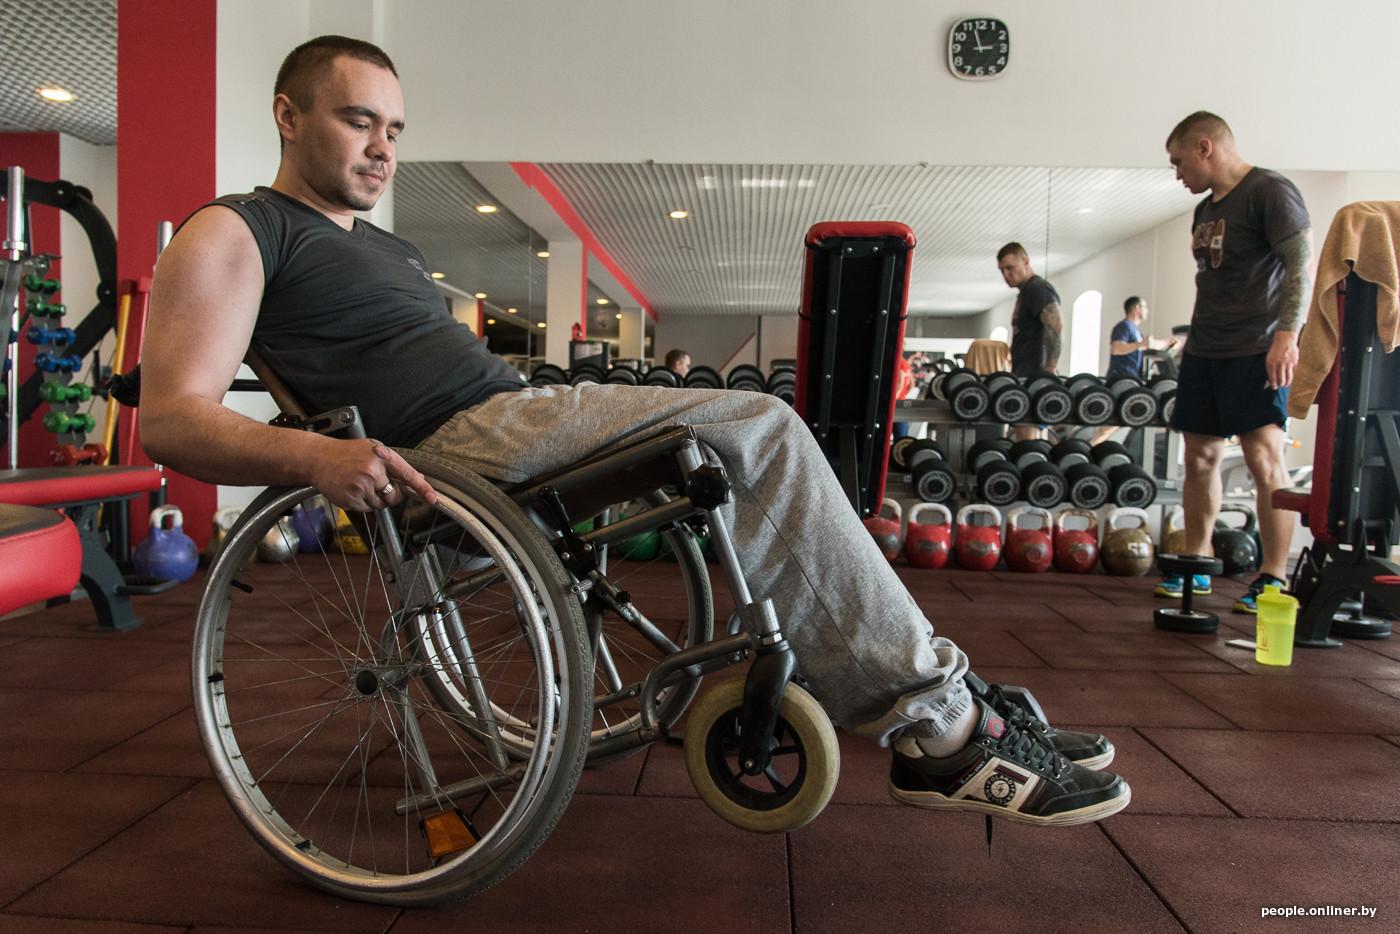 Фото жена с коляской без трусов — photo 12